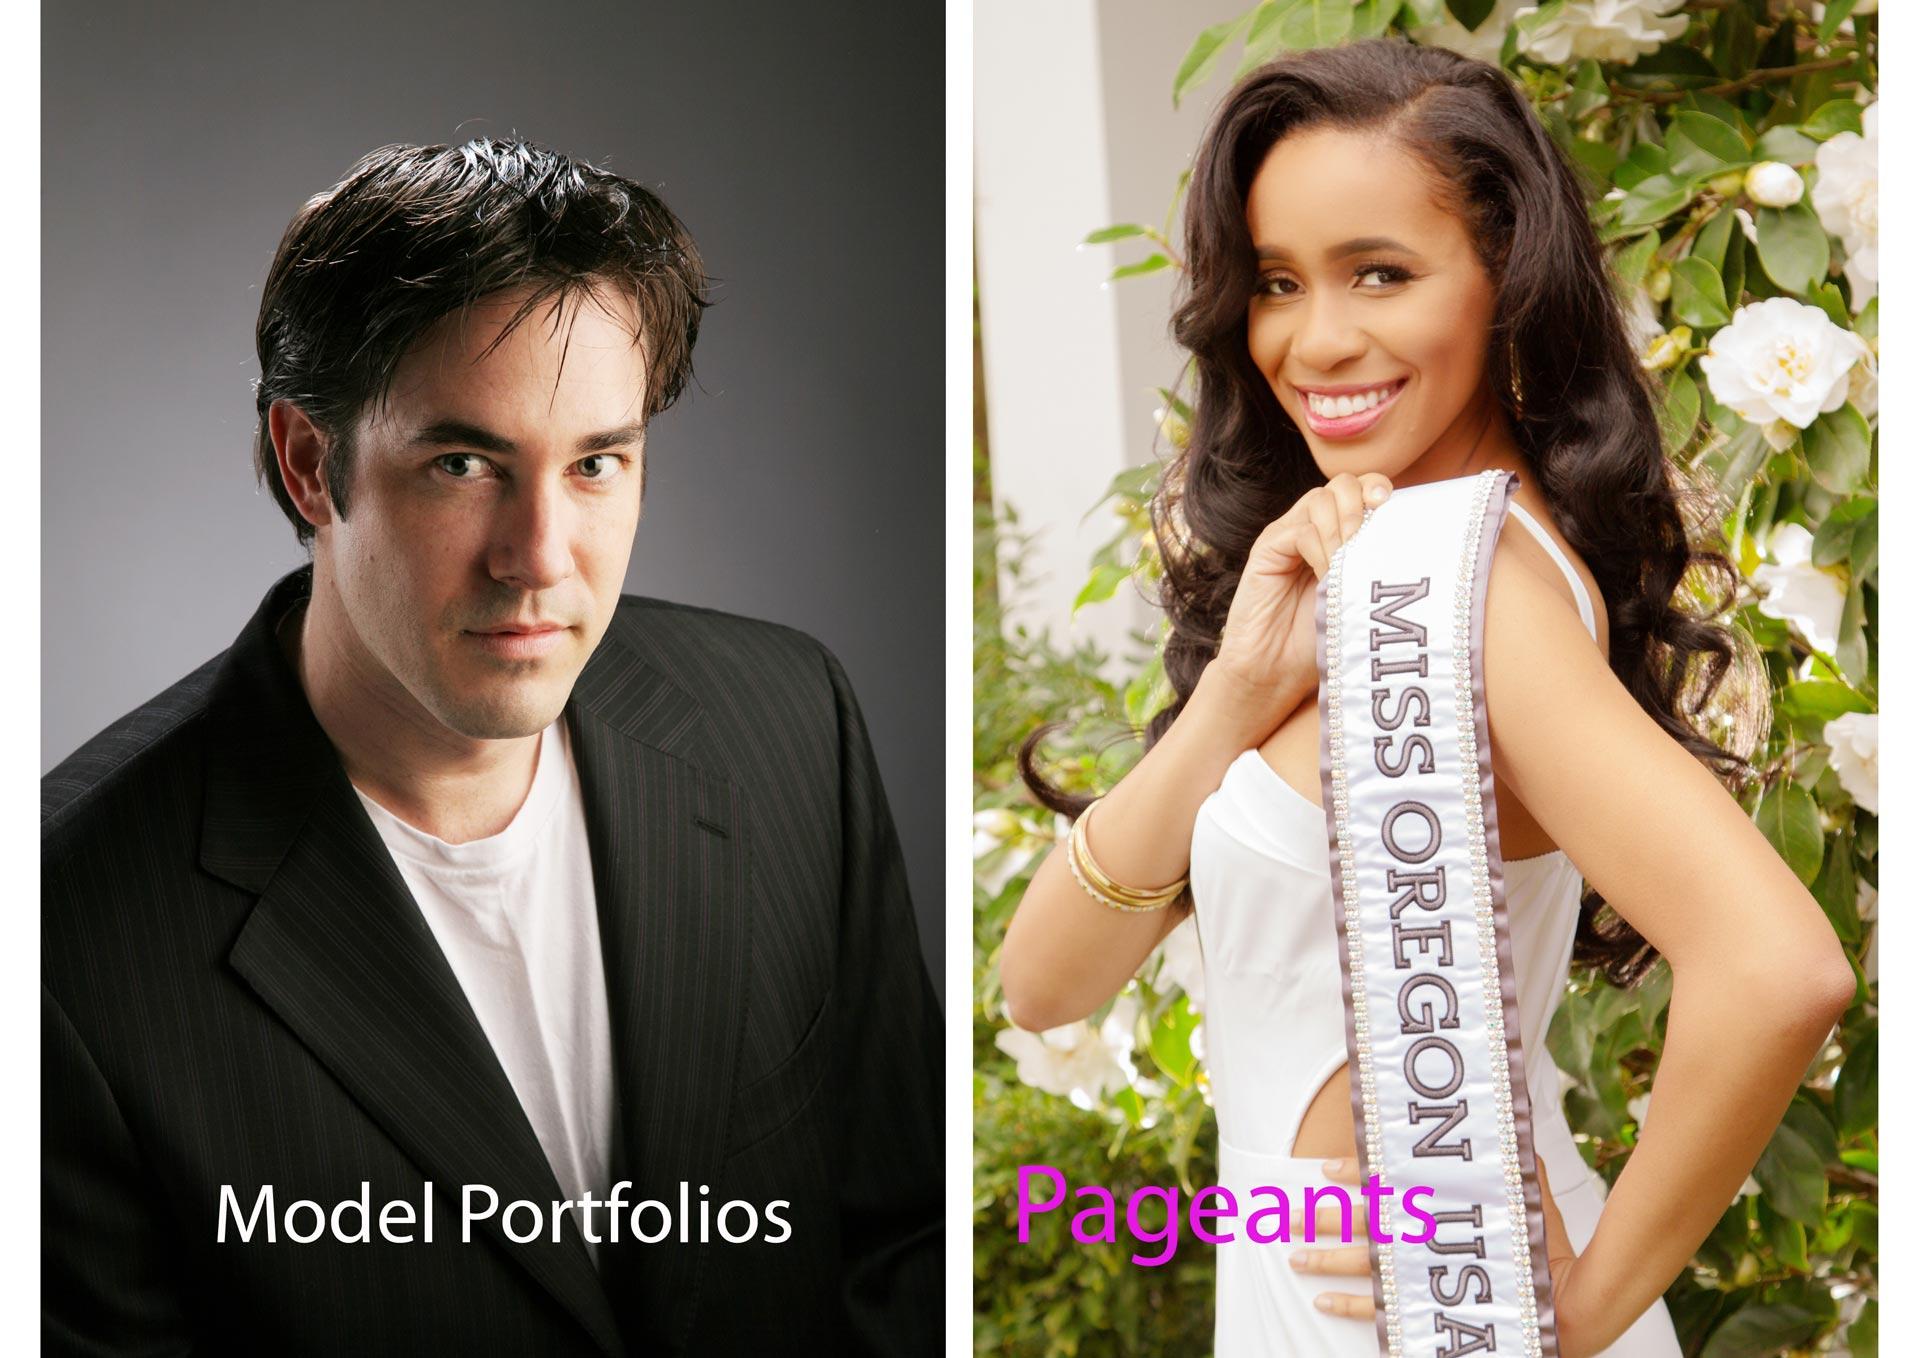 model-portfolios-and-pageant-photographers-Eugene-Oregon.jpg